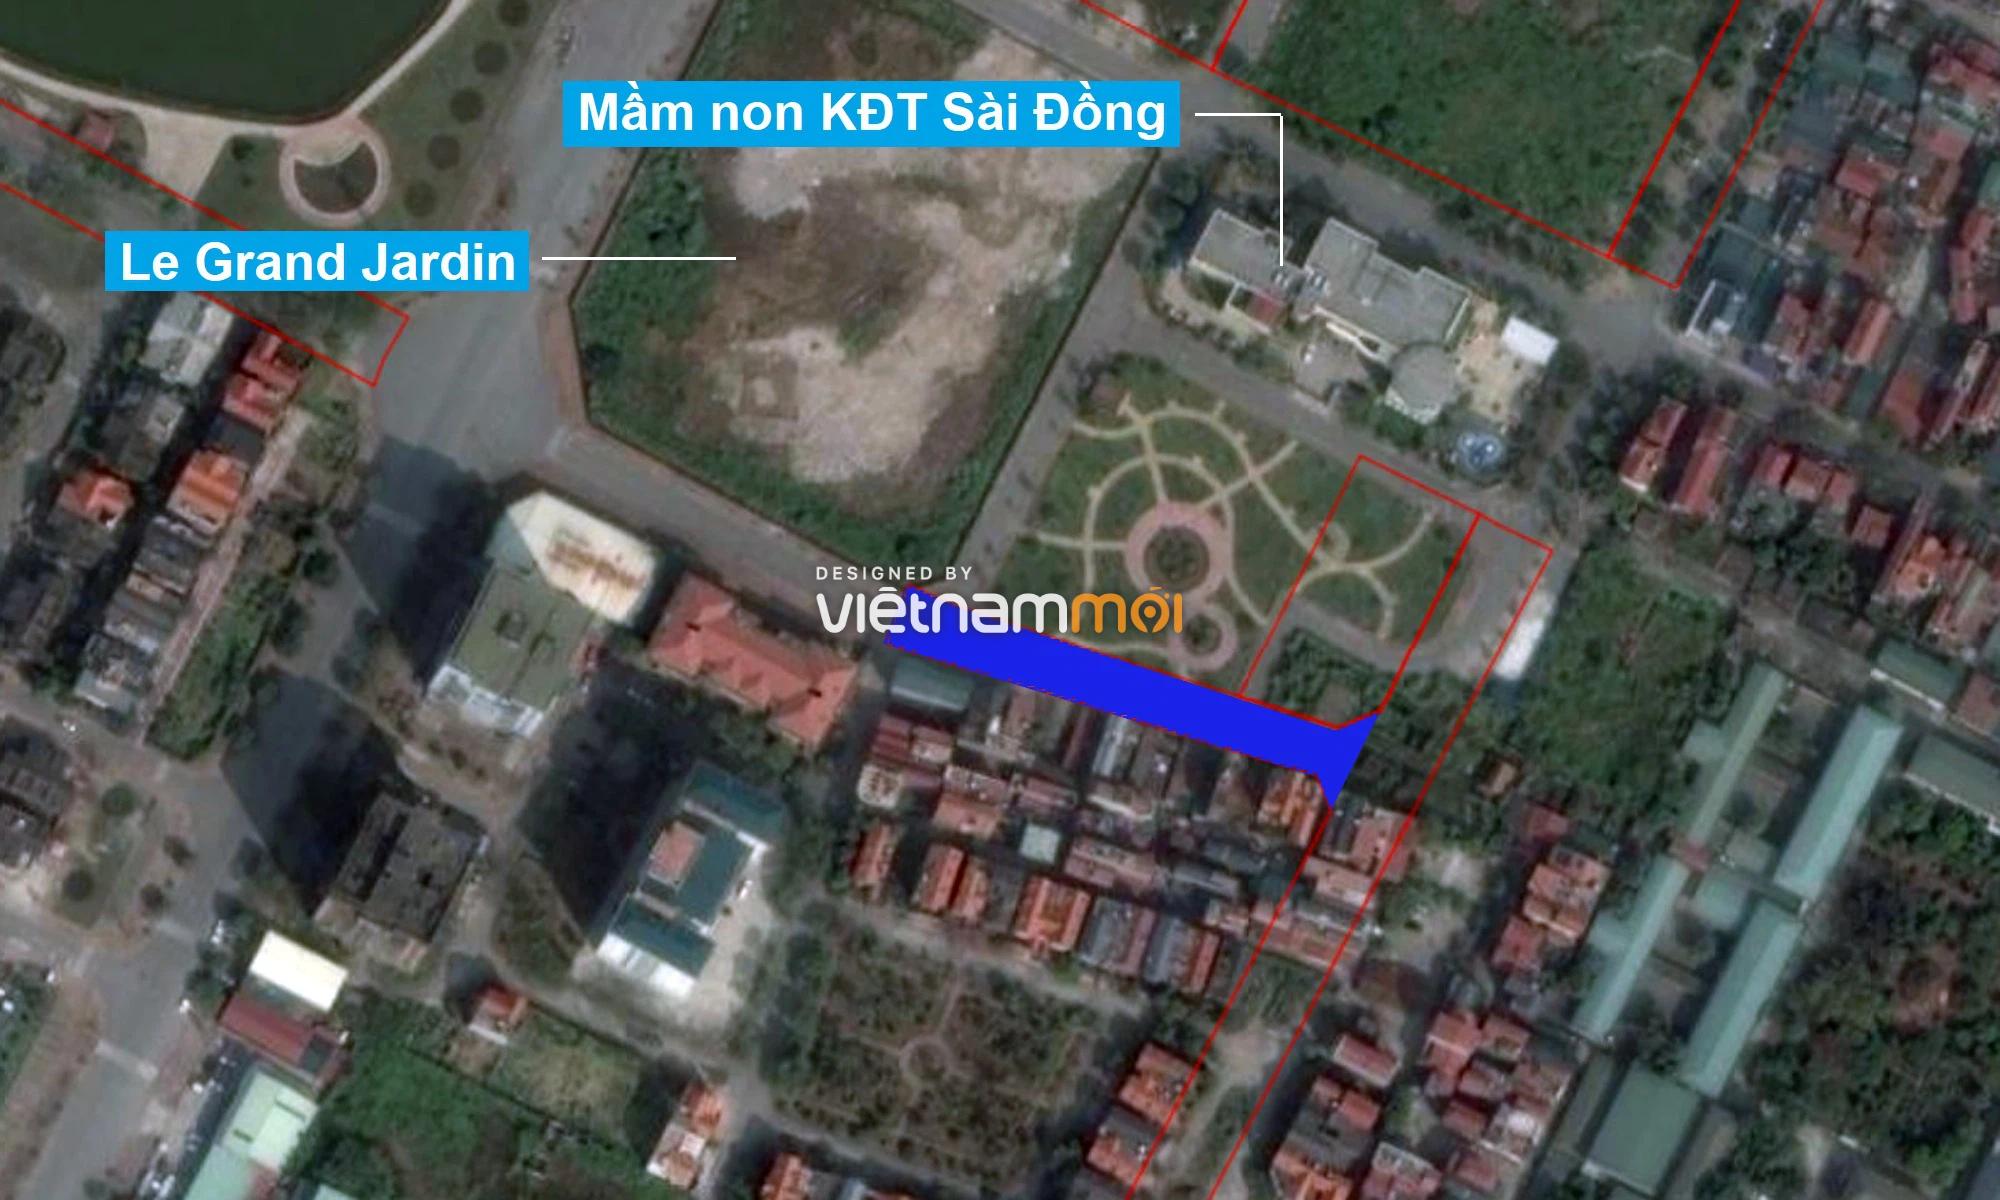 Những khu đất sắp thu hồi để mở đường ở phường Sài Đồng, Long Biên, Hà Nội (phần 1) - Ảnh 10.